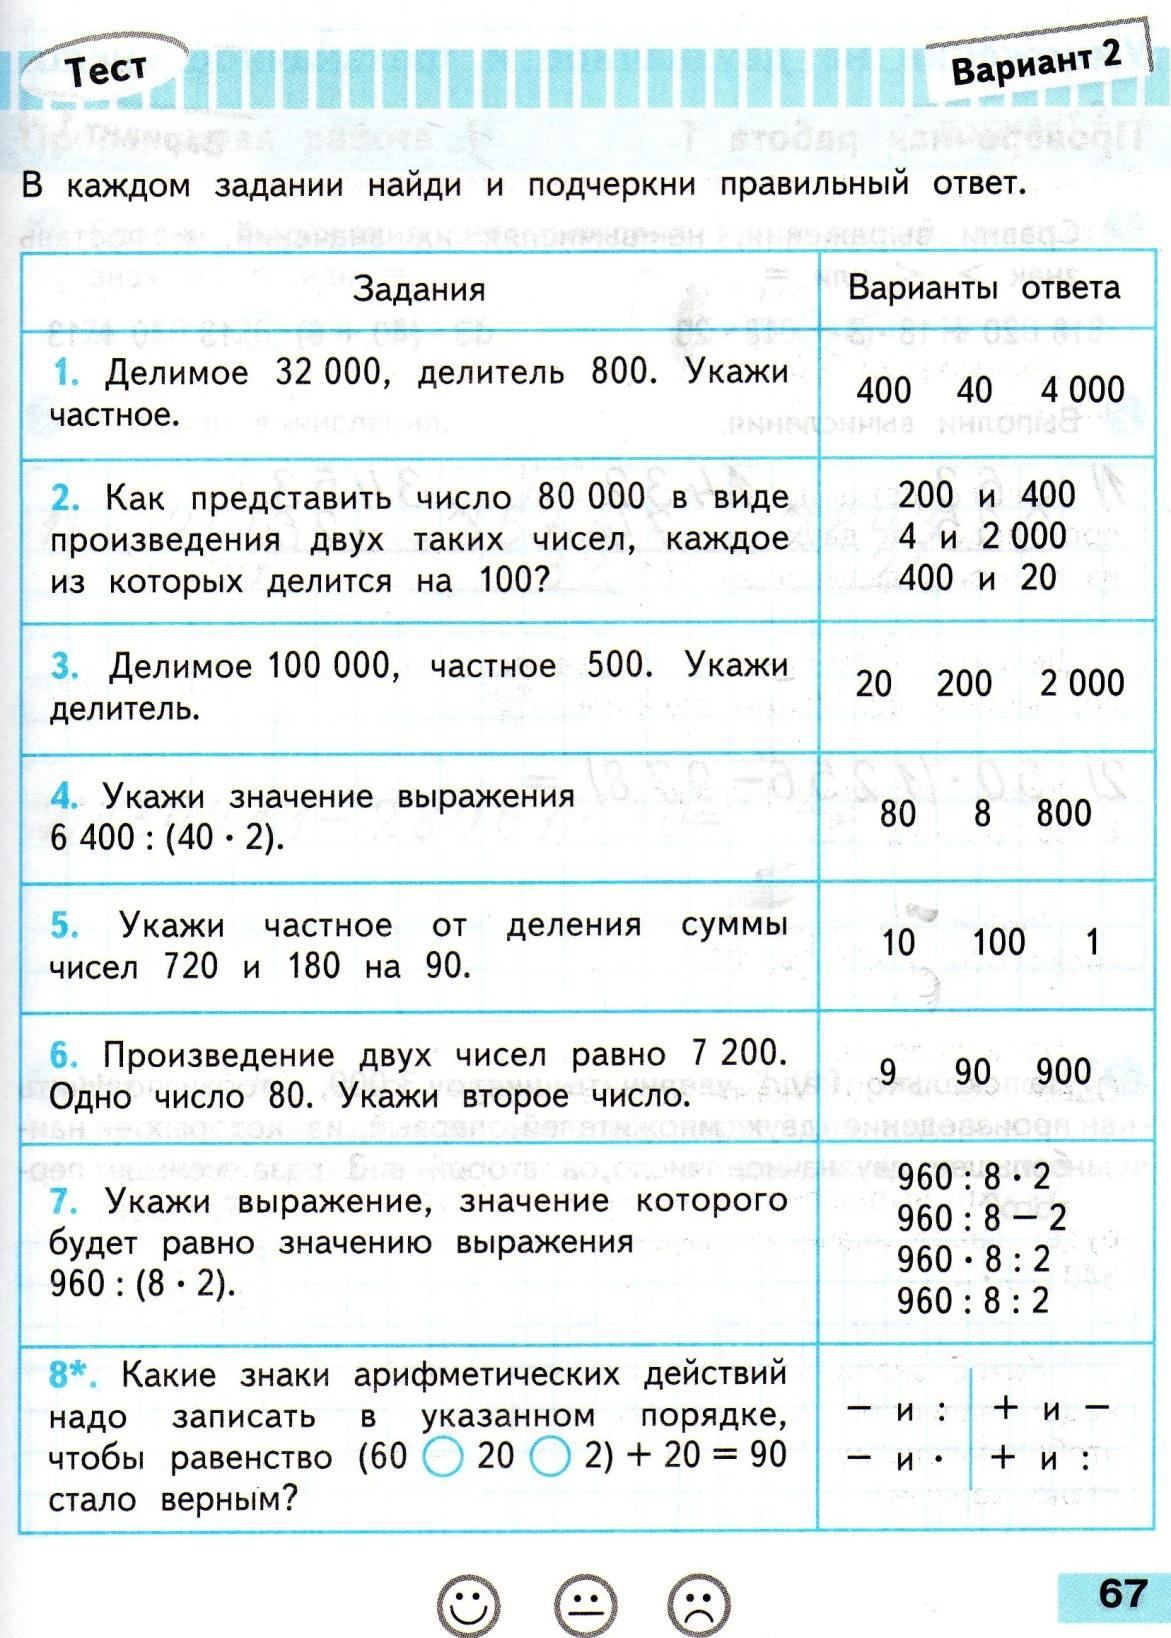 C:\Documents and Settings\Admin\Мои документы\Мои рисунки\1566.jpg